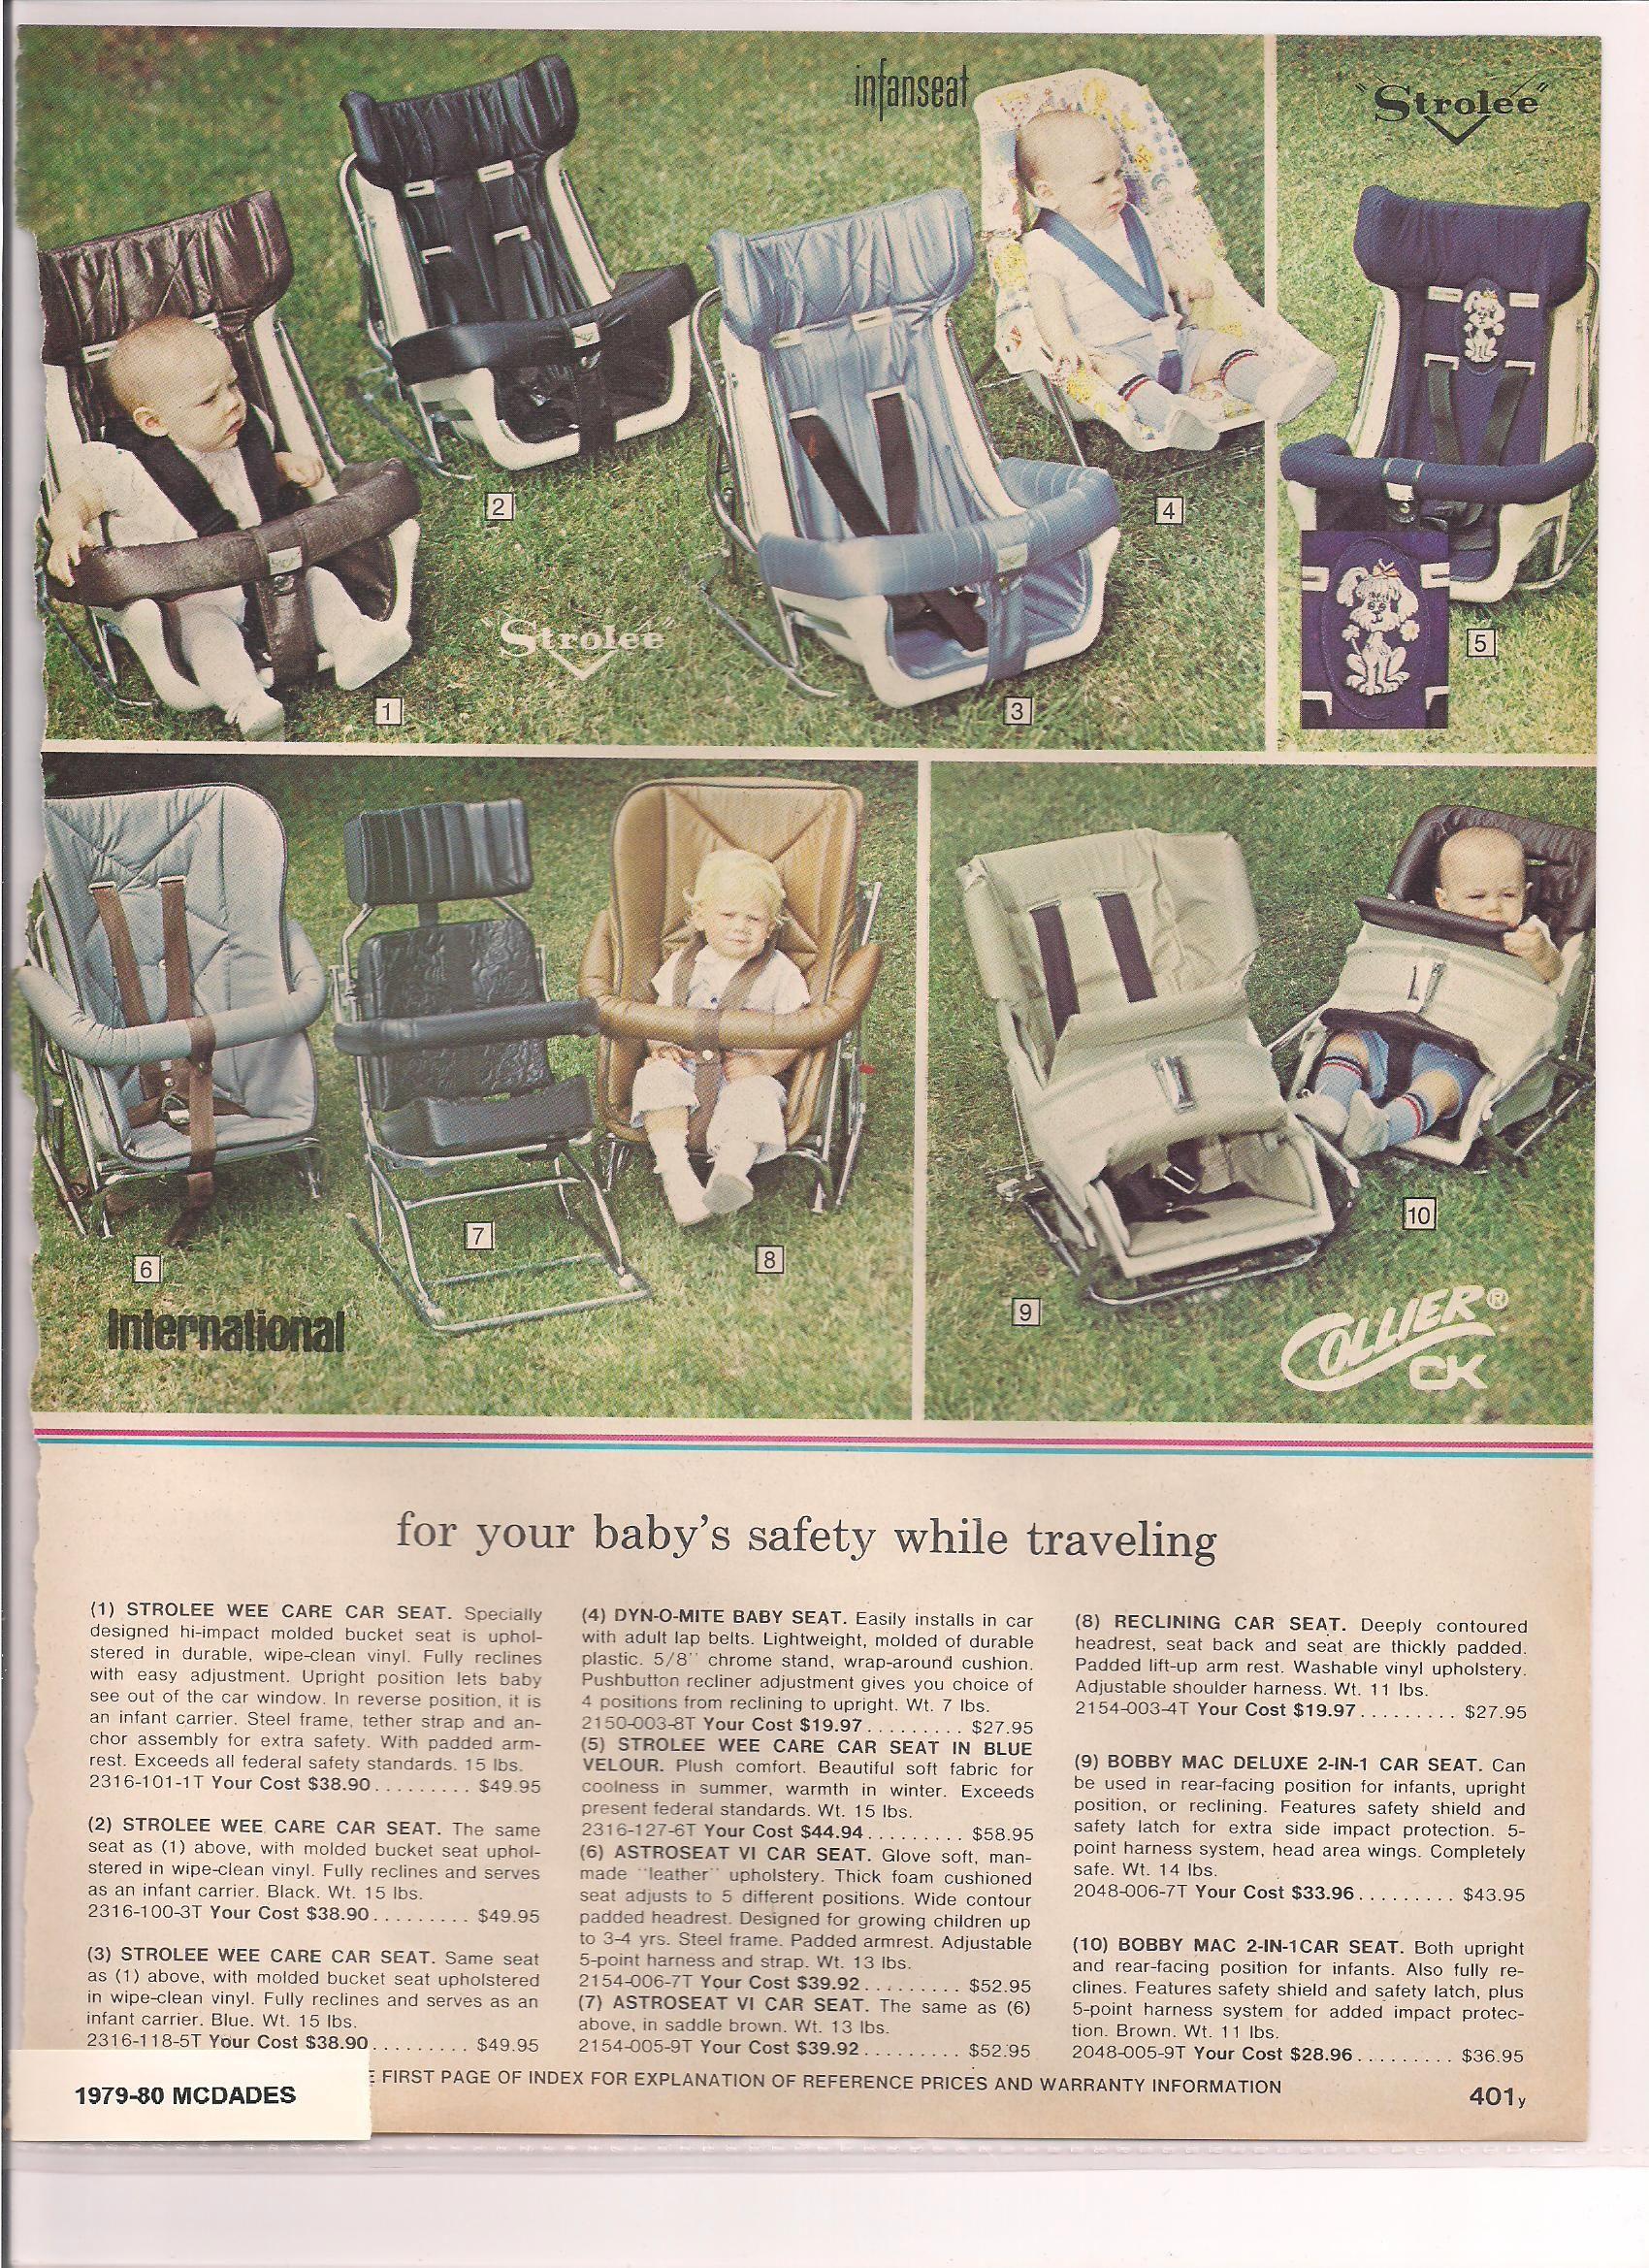 Mcdades 1979 80 Vintage Baby Nursery Vintage Baby Gear Baby Car Seats